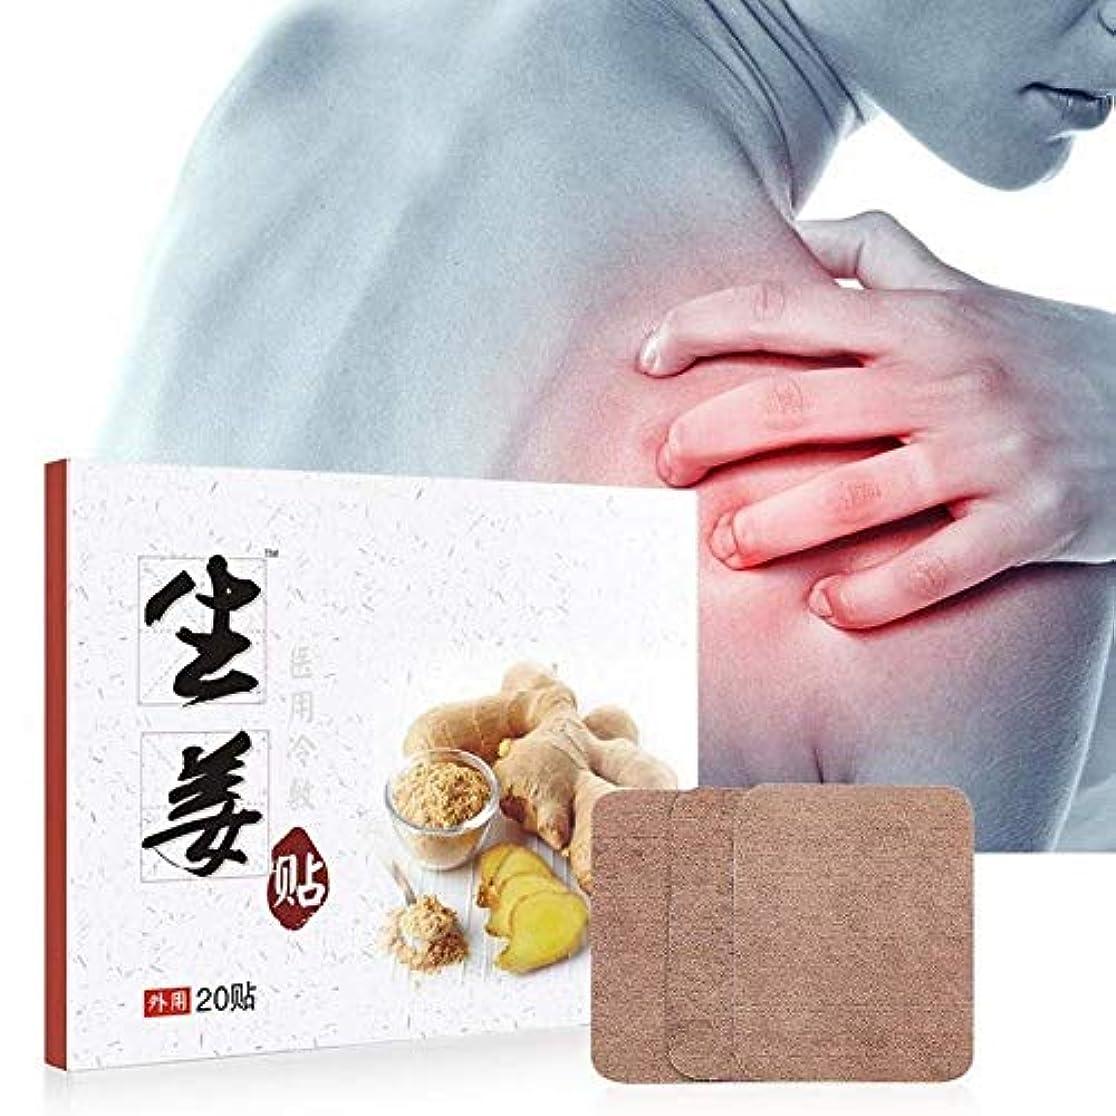 戸惑う仲人エンゲージメント20ボックスジンジャーパッドジョイント頚椎痛みの軽減自発的ヒートステッカー防寒保温